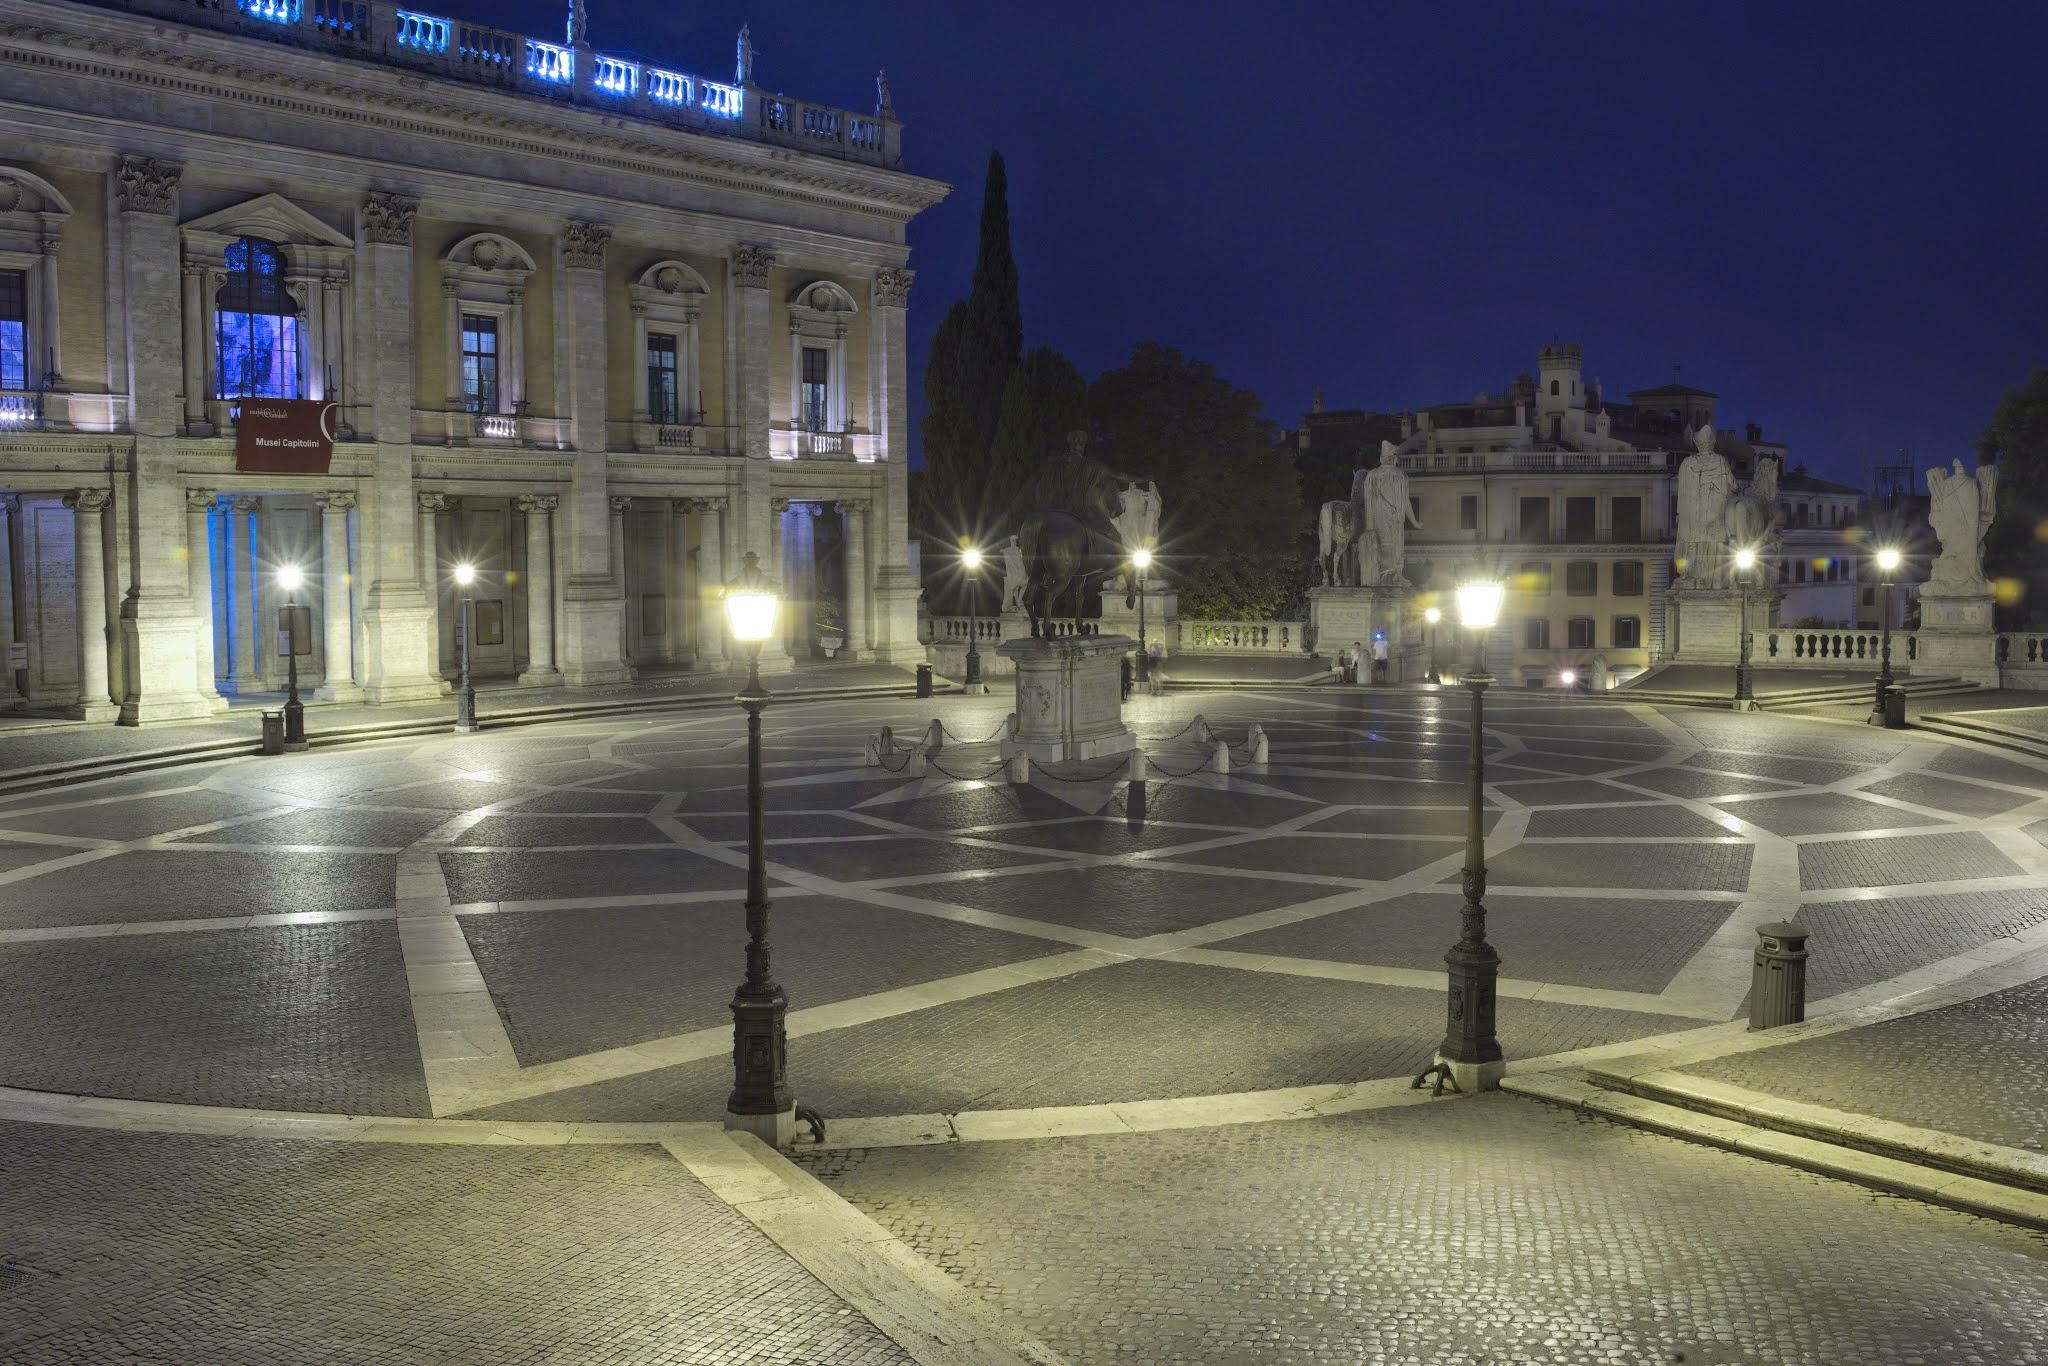 File:Piazza Del Campidoglio At Night